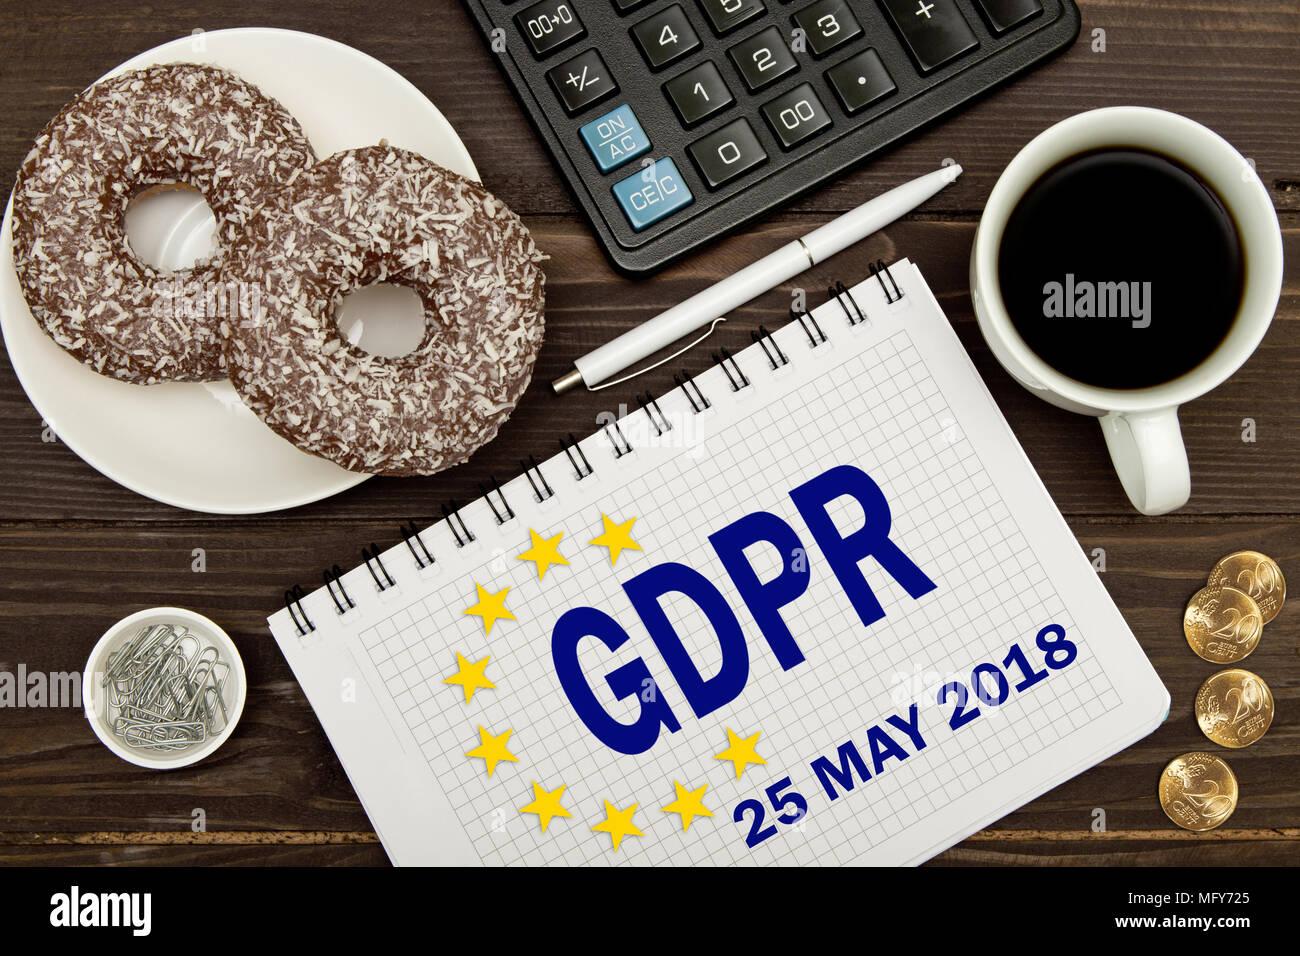 GDPR. Bloc de notas con notas Reglamento General de Protección de Datos de la tabla de un empresario . Imagen De Stock